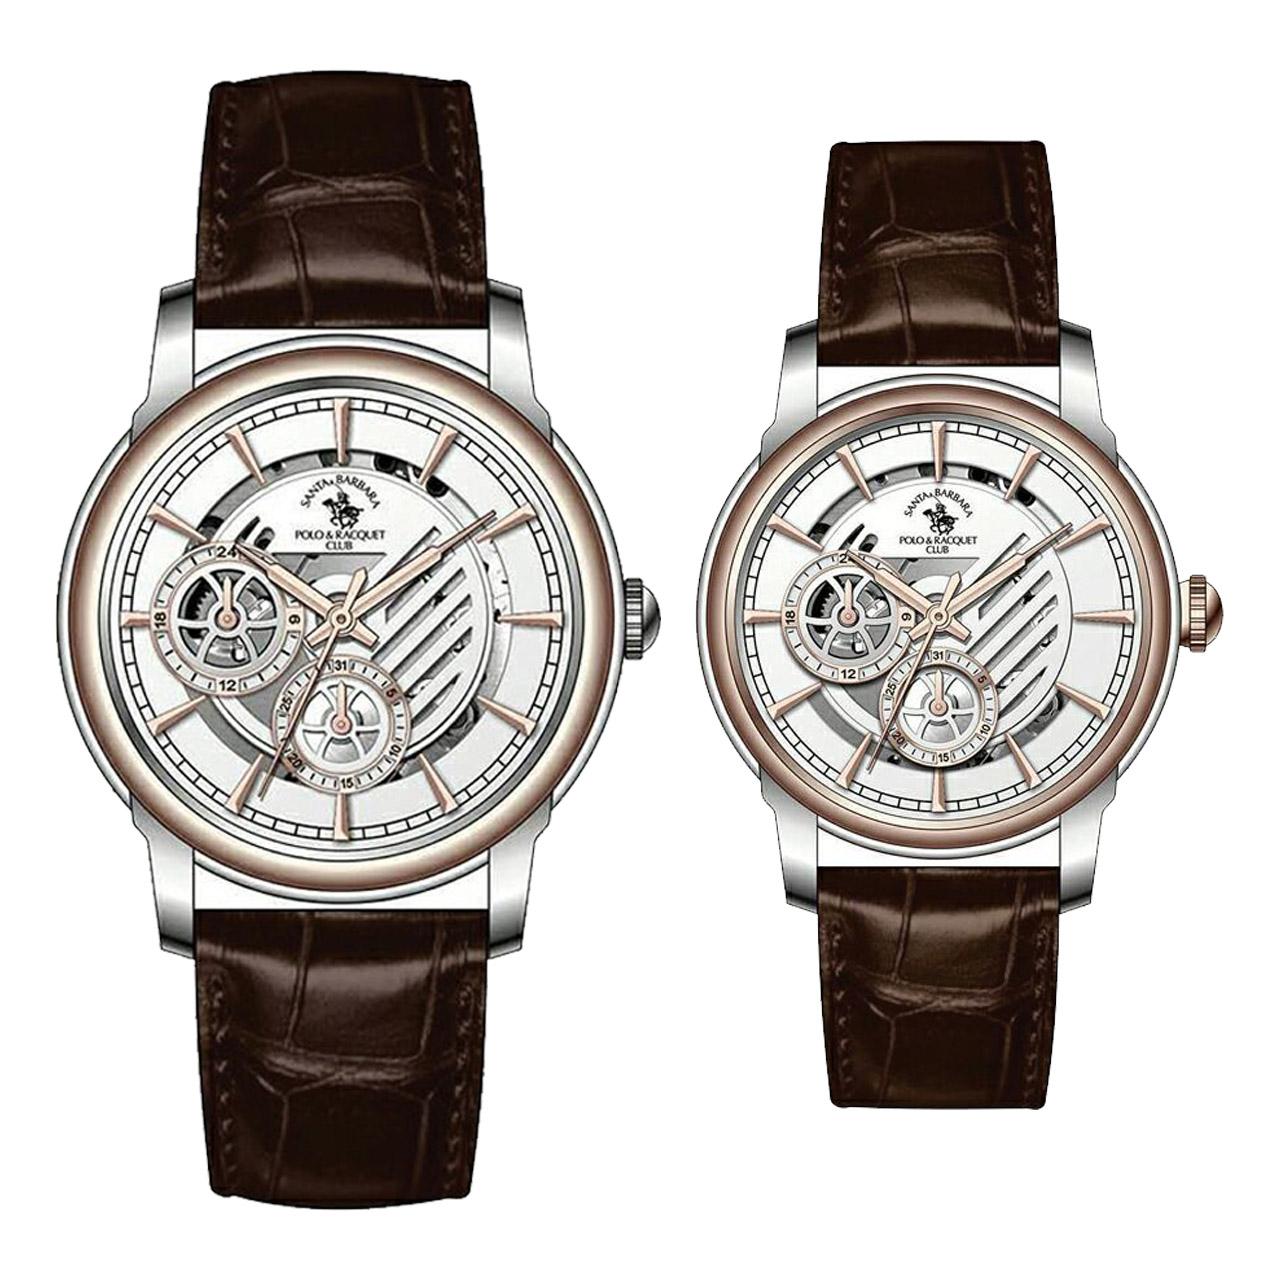 ست ساعت مچی عقربه ای مردانه و زنانه سانتا باربارا مدل sb.12.1005.6